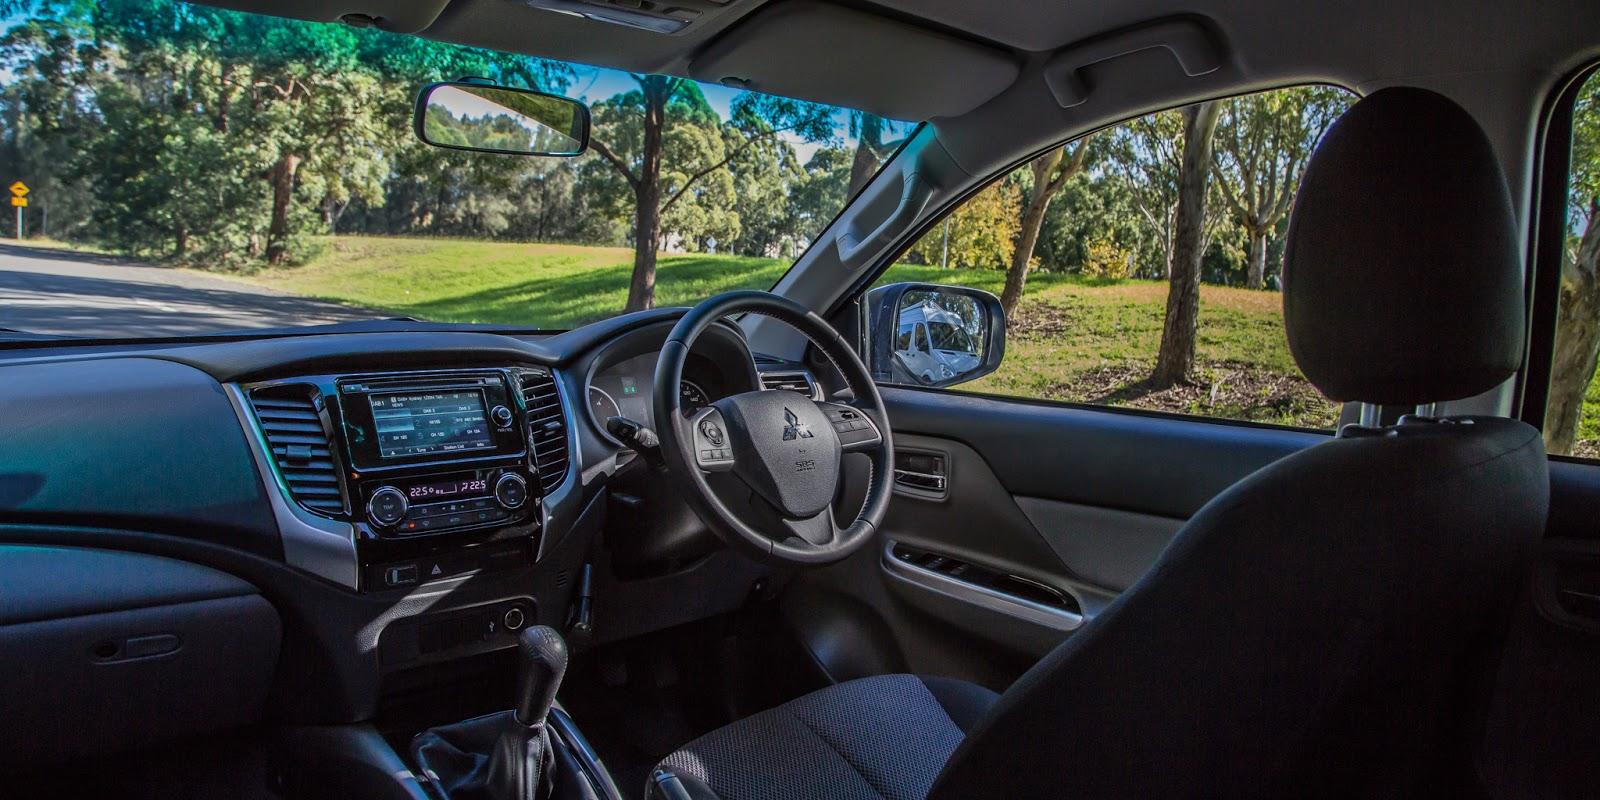 Nội thất của xe đơn giản, thông minh, chắc chắn, tầm nhìn bao quát